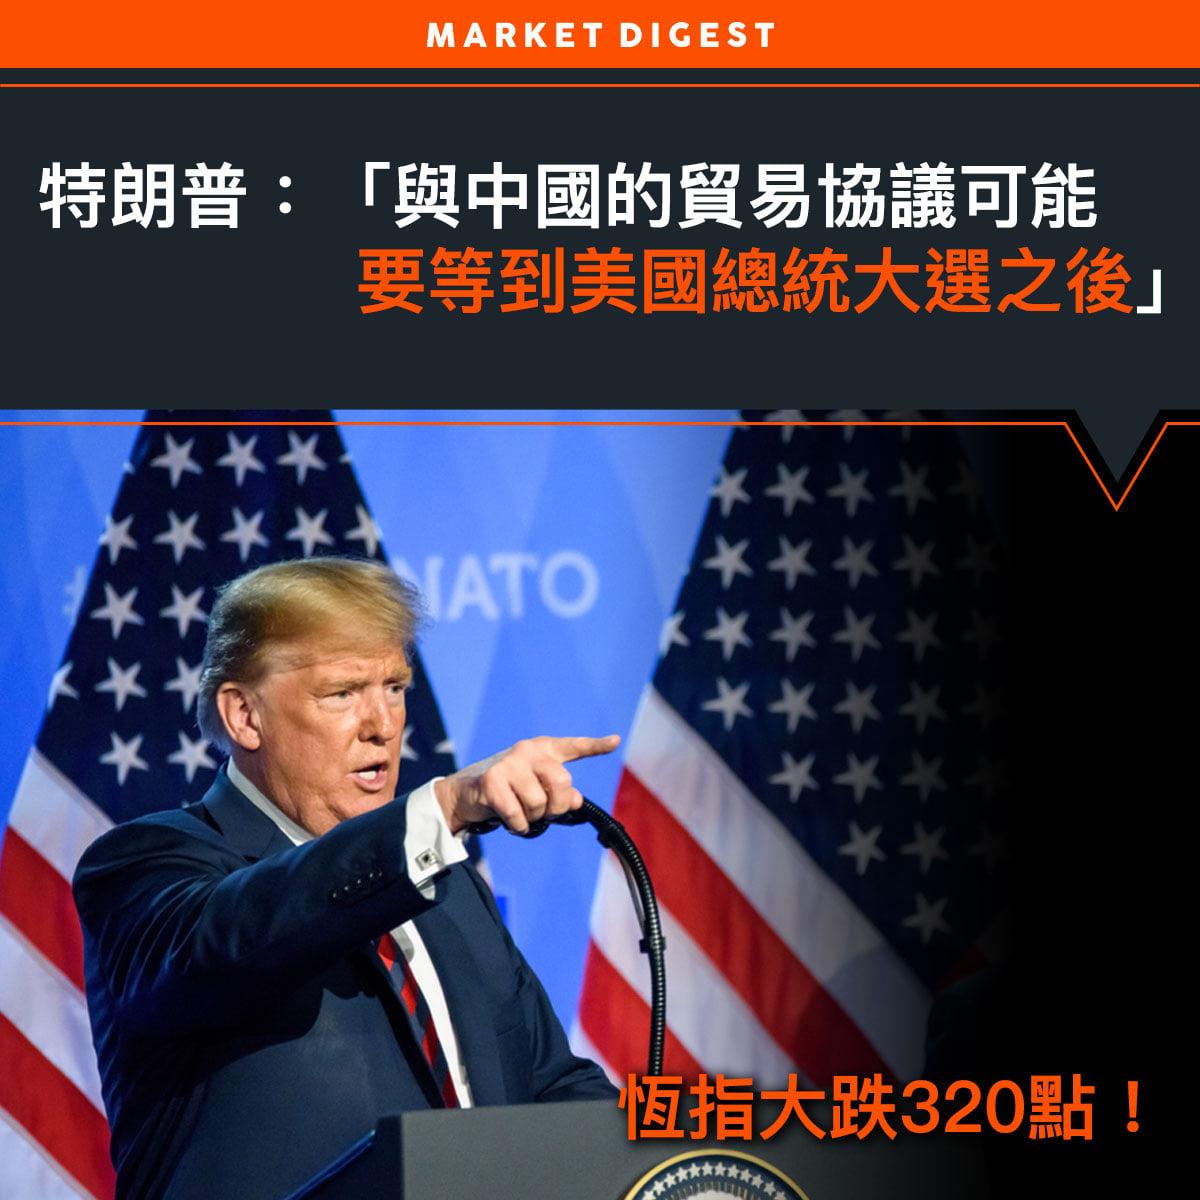 【中美貿易戰】特朗普:「與中國的貿易協議可能要等到美國總統大選之後。」